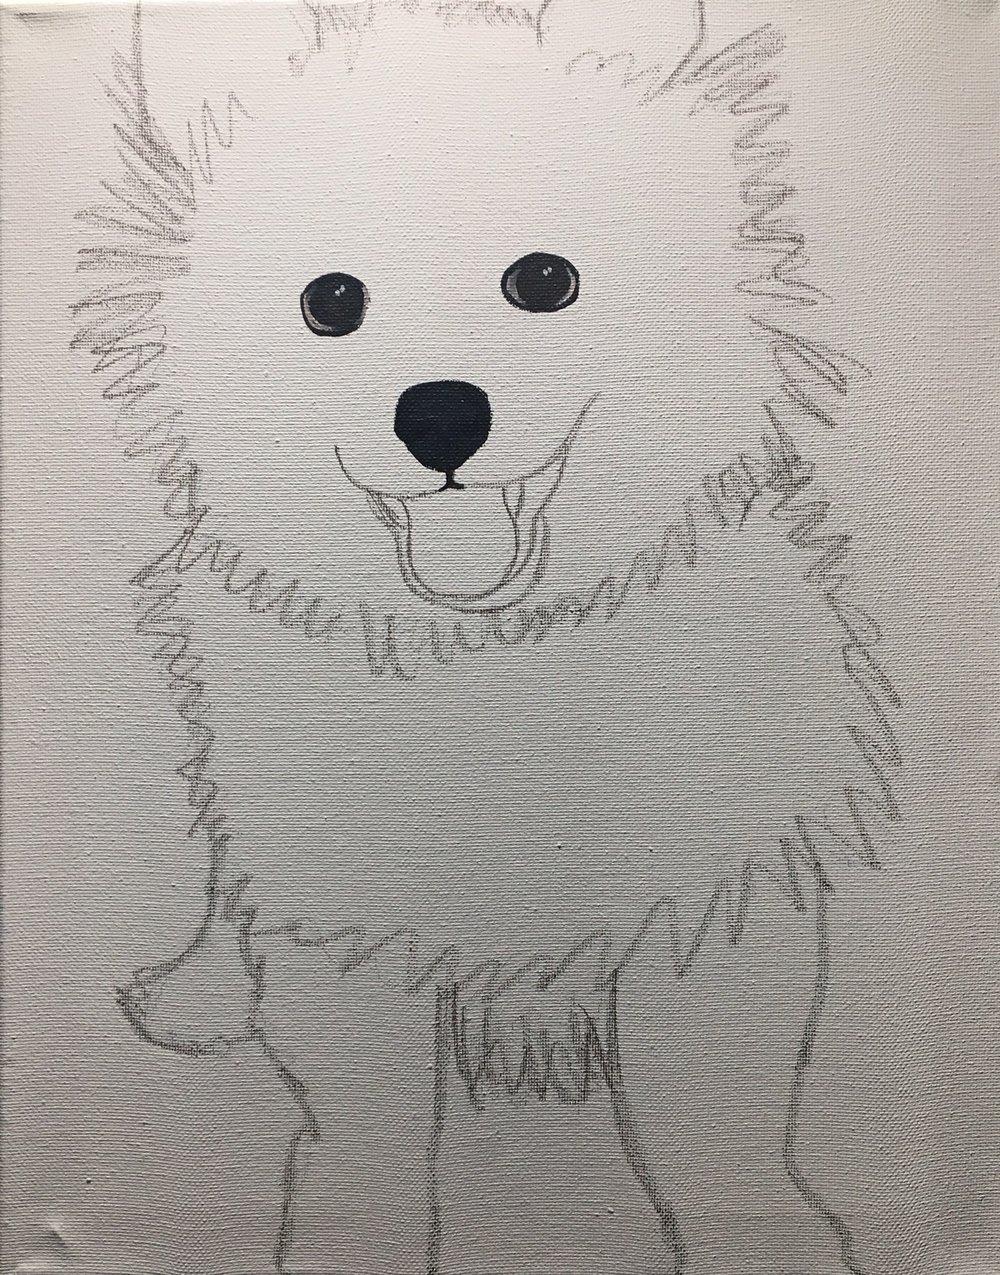 Pre-sketch